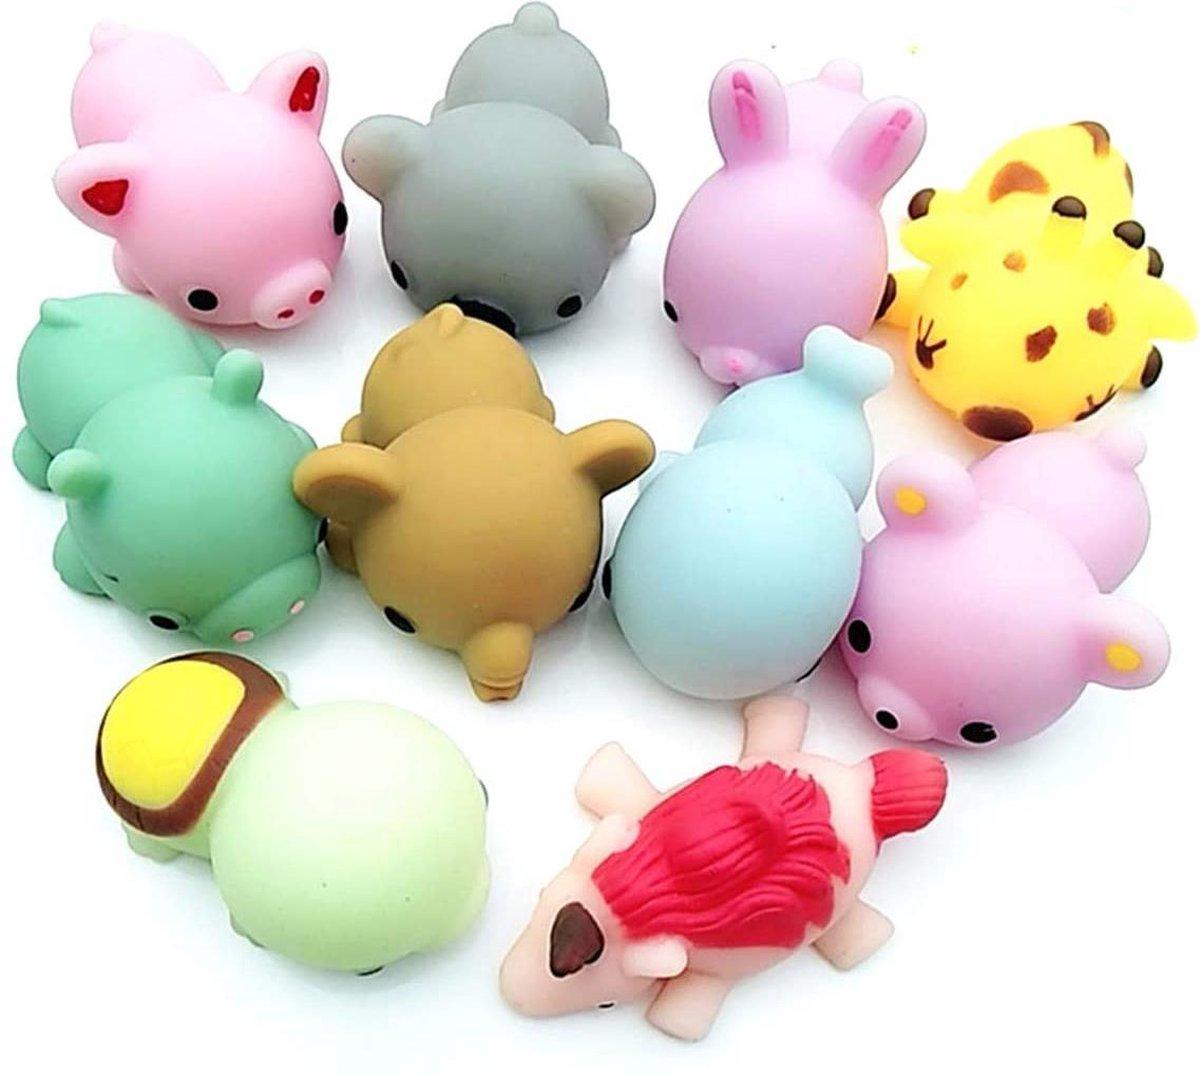 Mochi Squishy - 5x stuks | Squeezei - Fidget Toy - Pop It - Simple Dimple - Knijp poppetje - Mesh an